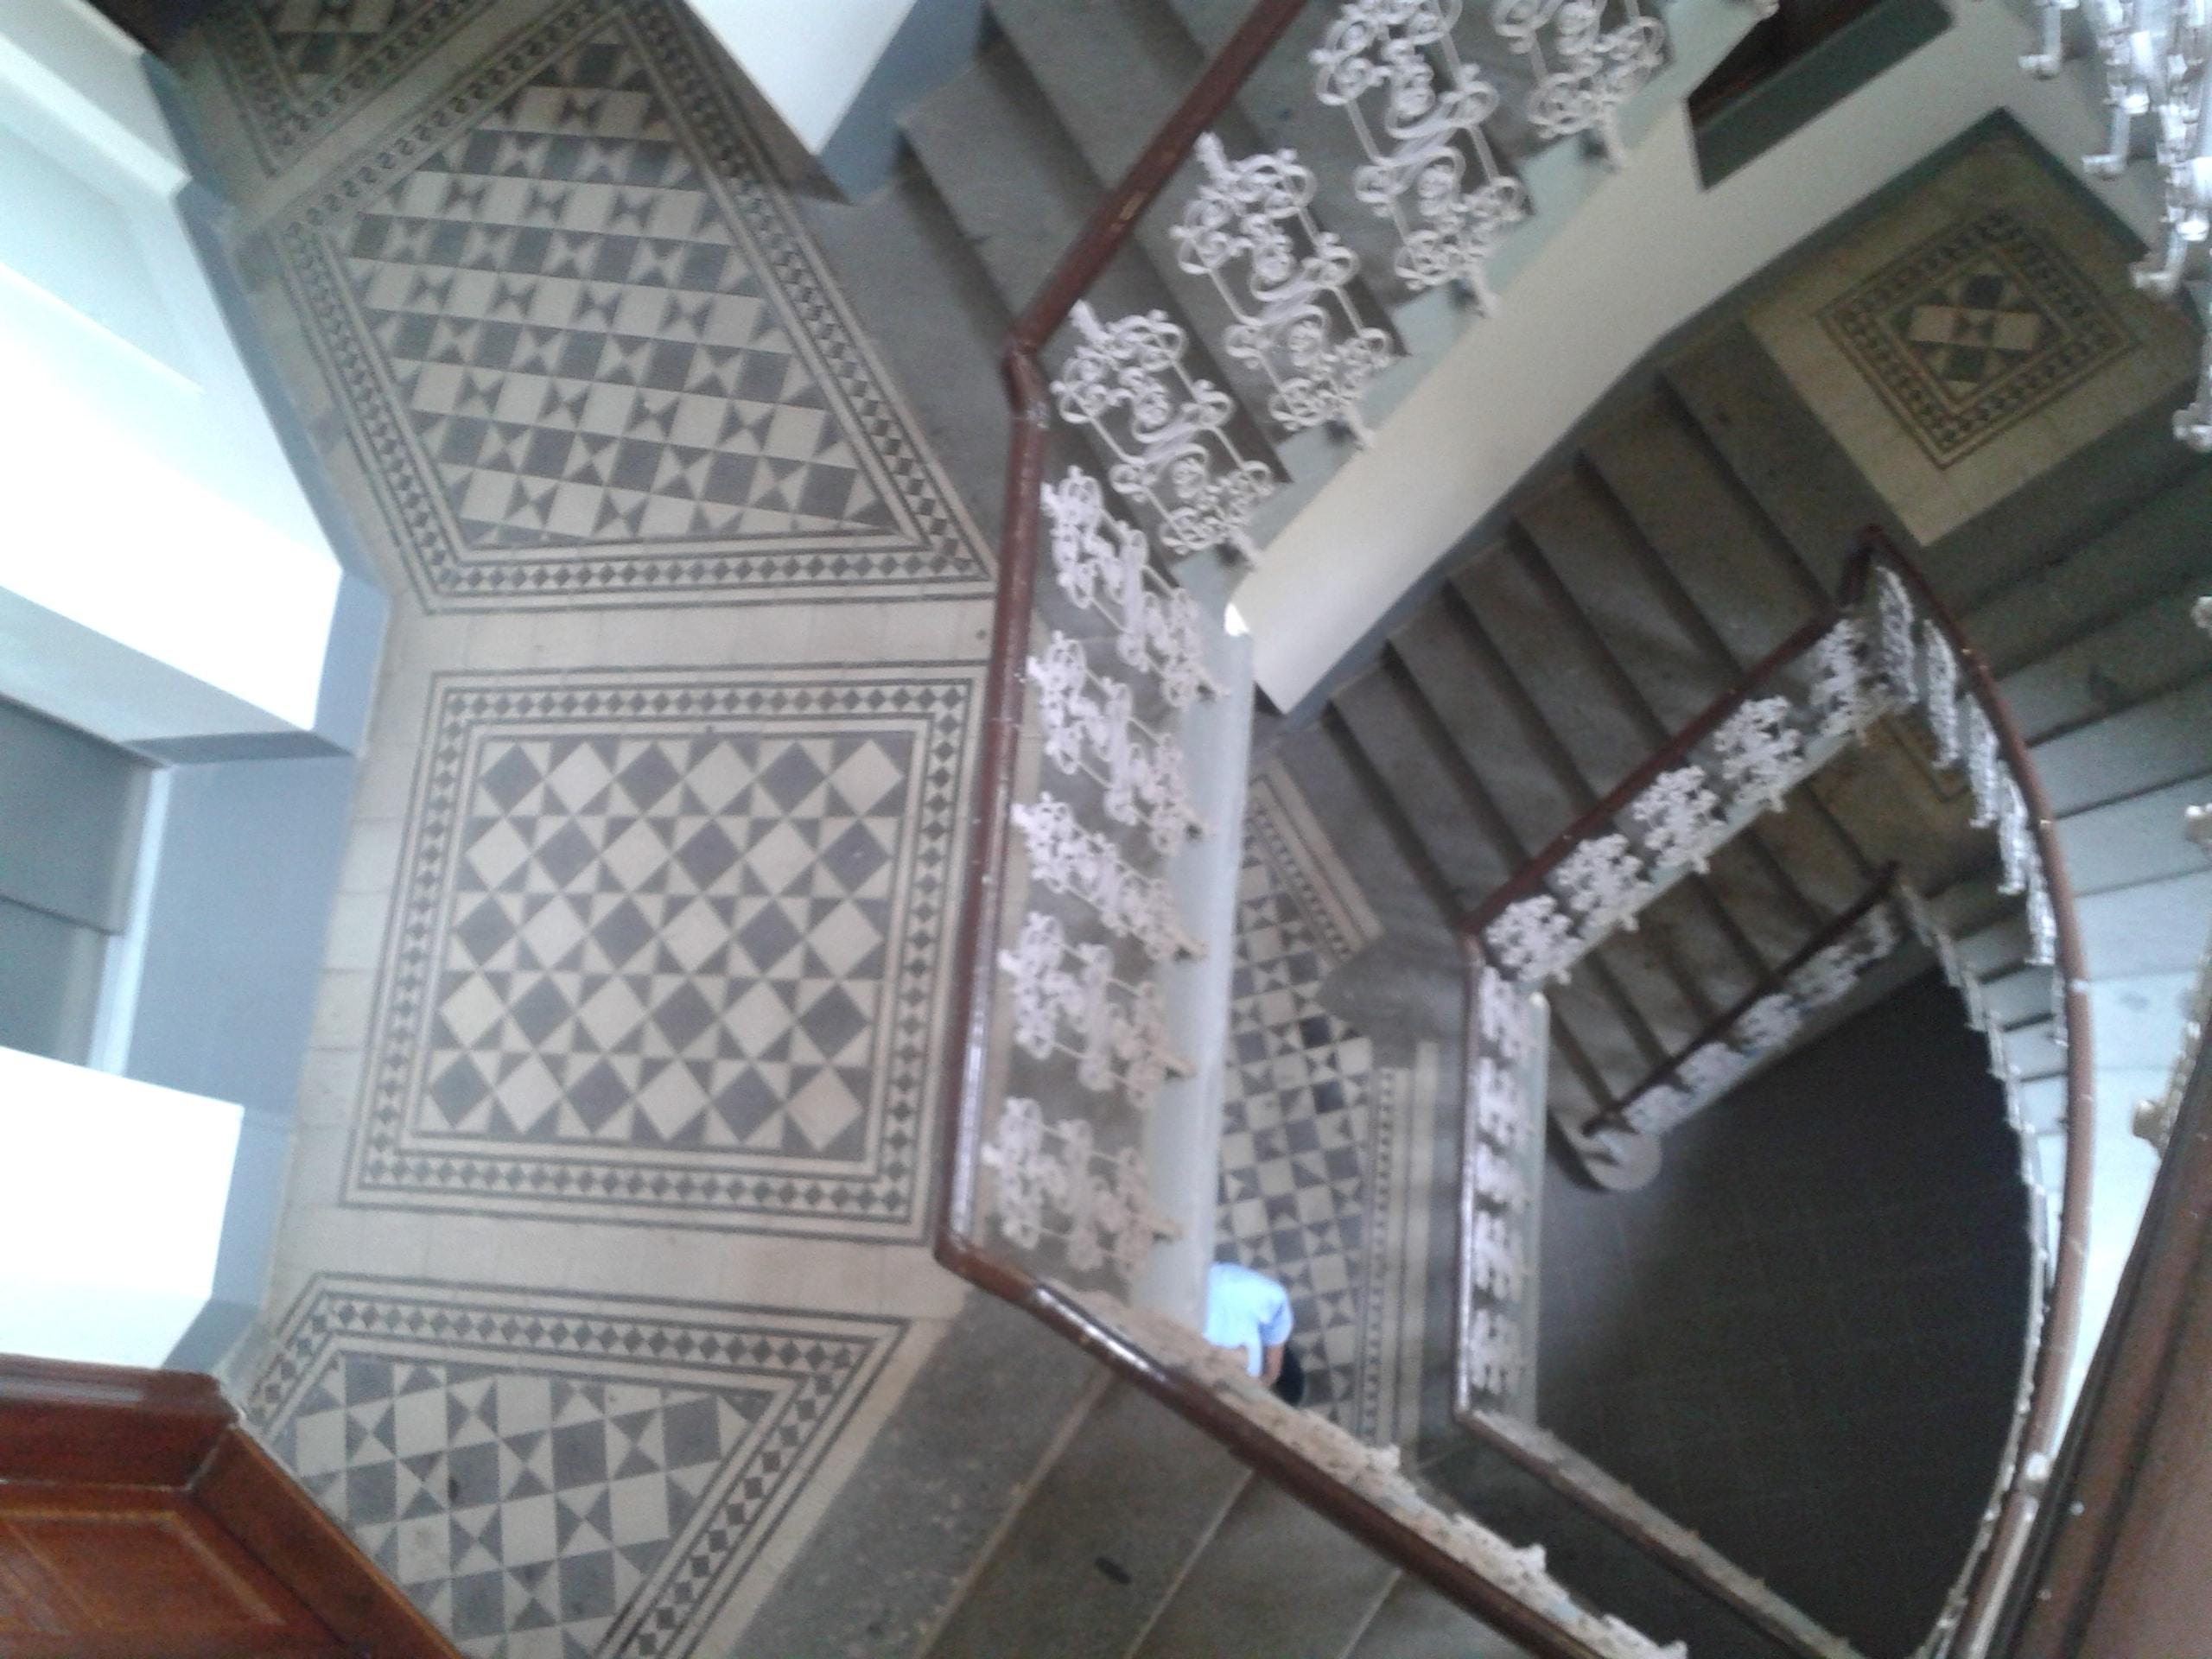 למכירה דירת 3+kk יפהפיה בפראג 1 העיר החדשה (24)